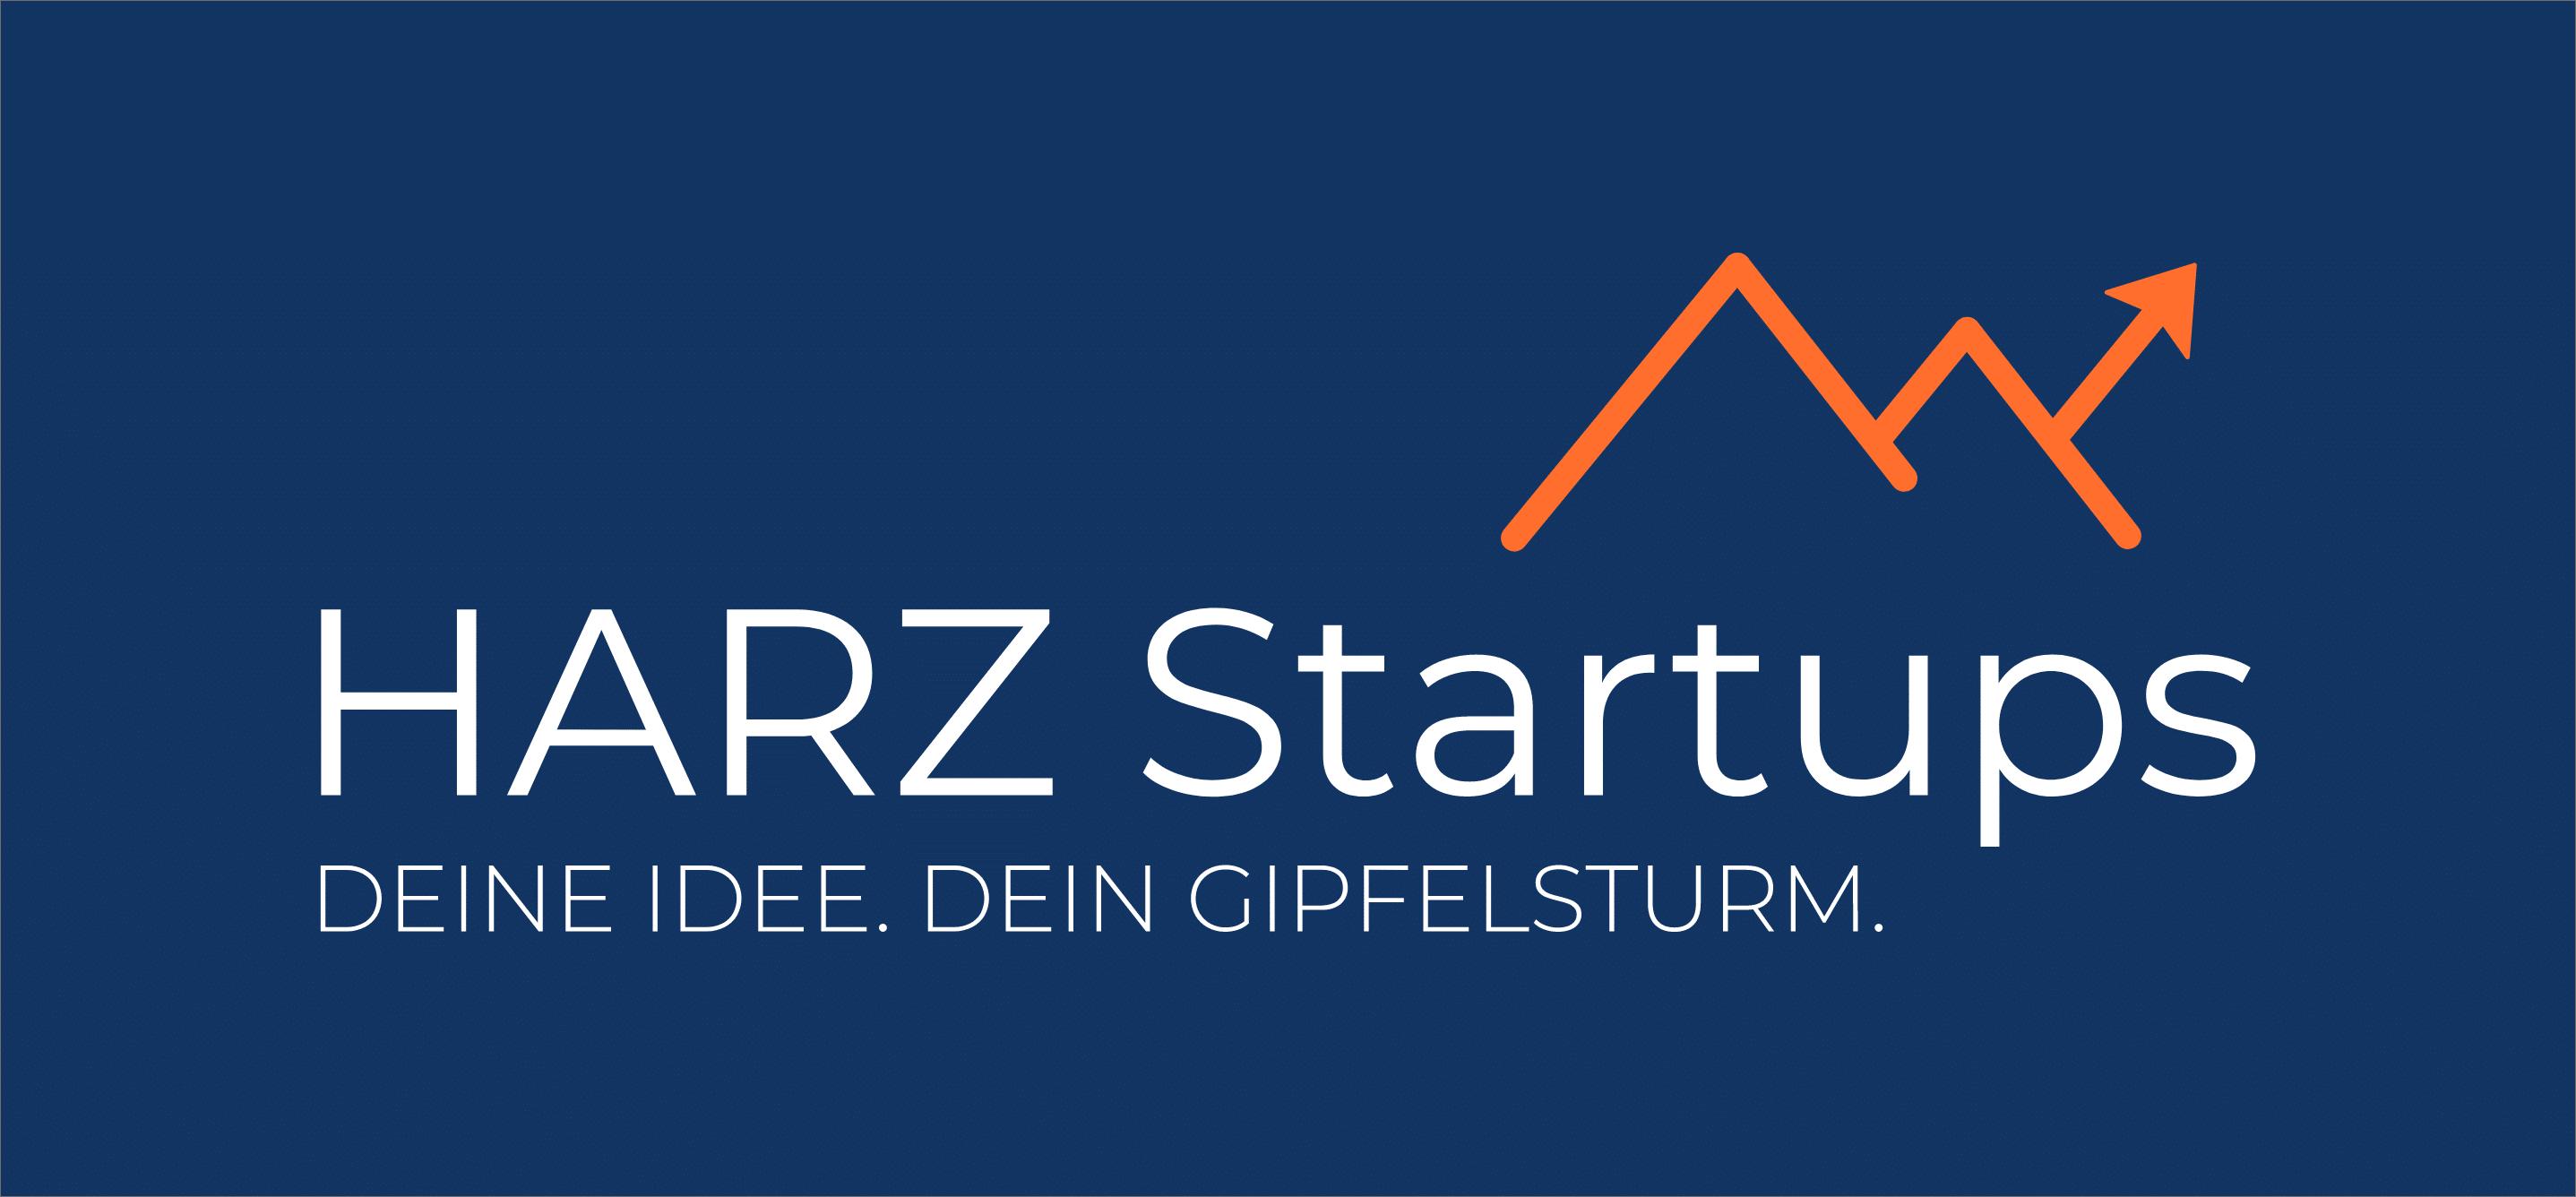 HARZ Startups